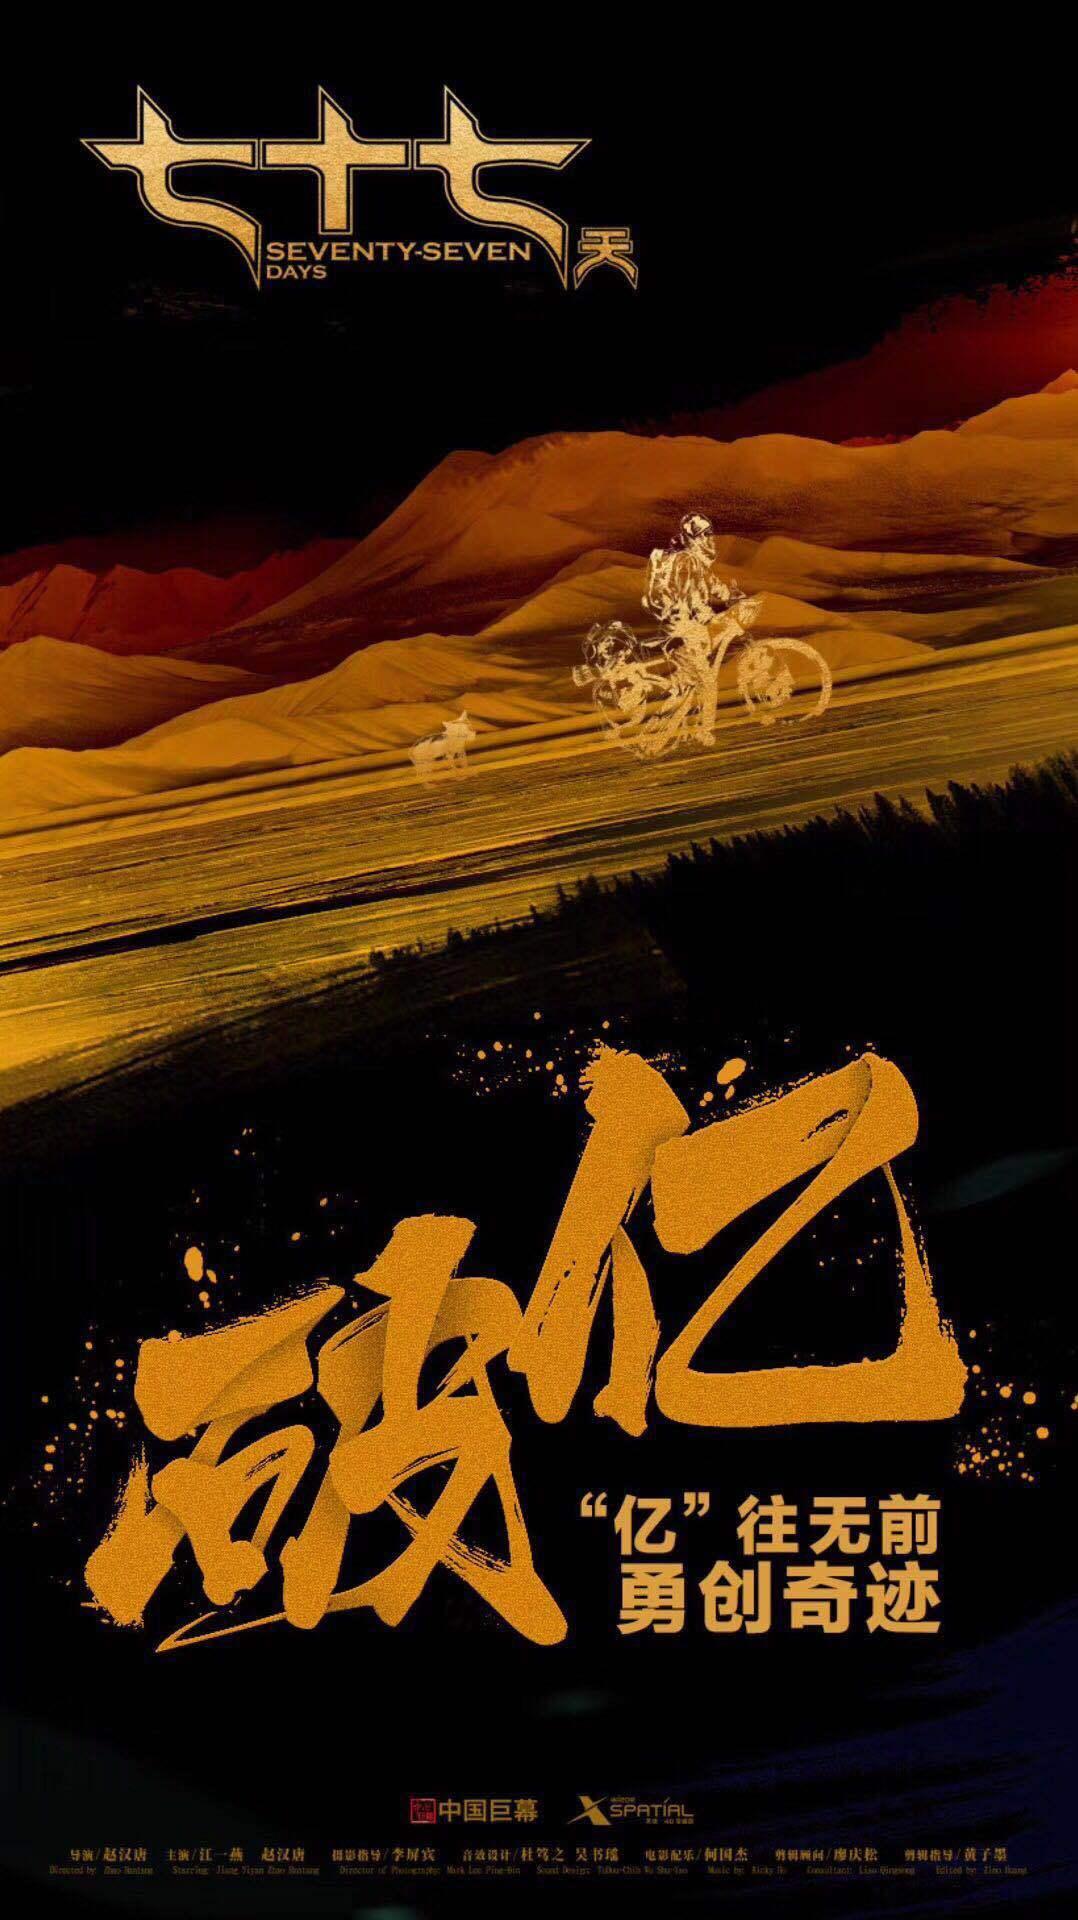 电影《七十七天》票房破亿 连续六周排片逆袭